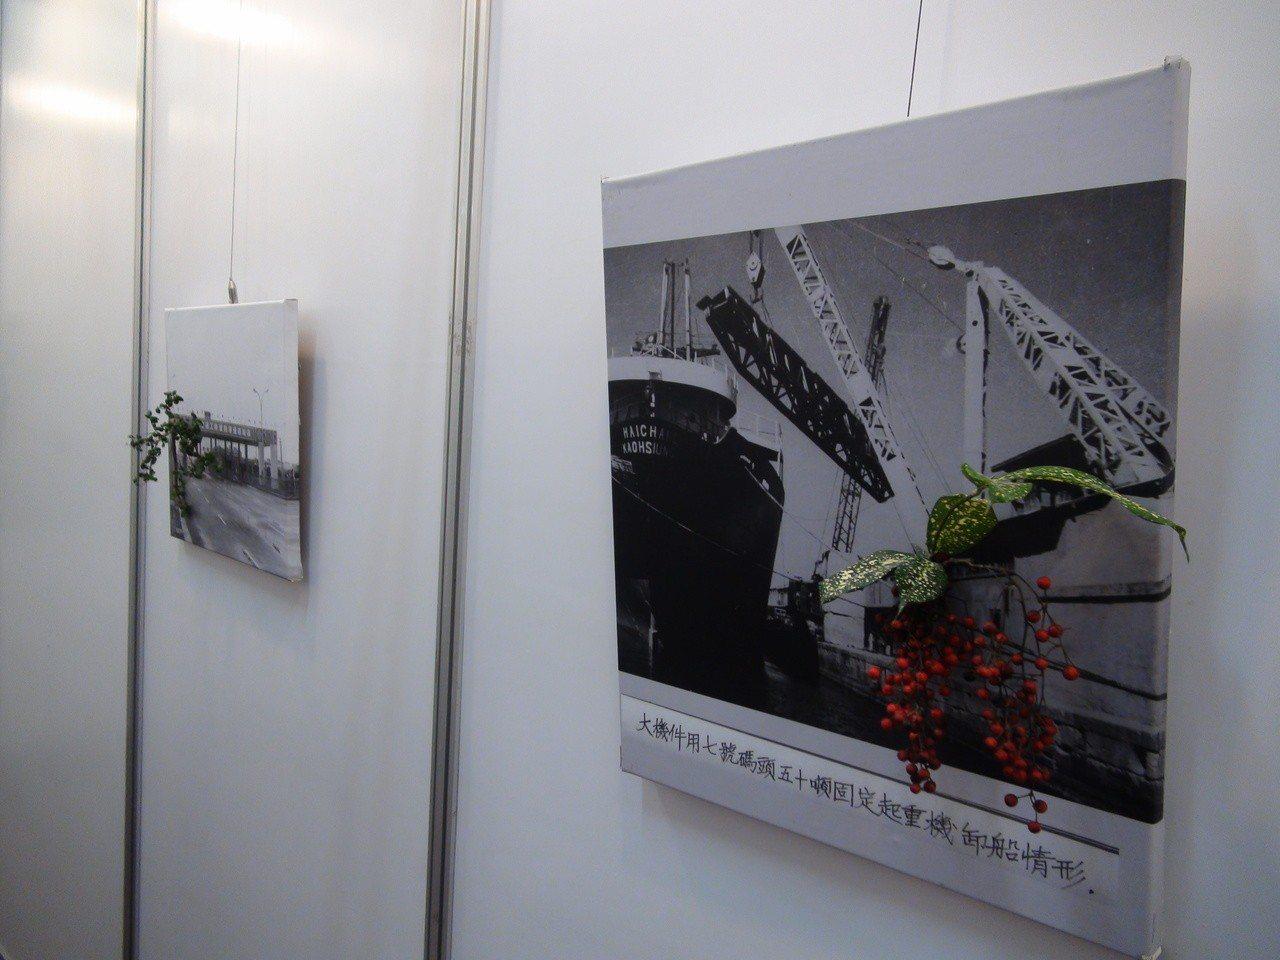 花藝展結合照片及花材,展現多元素材的新創意。記者謝梅芬/攝影